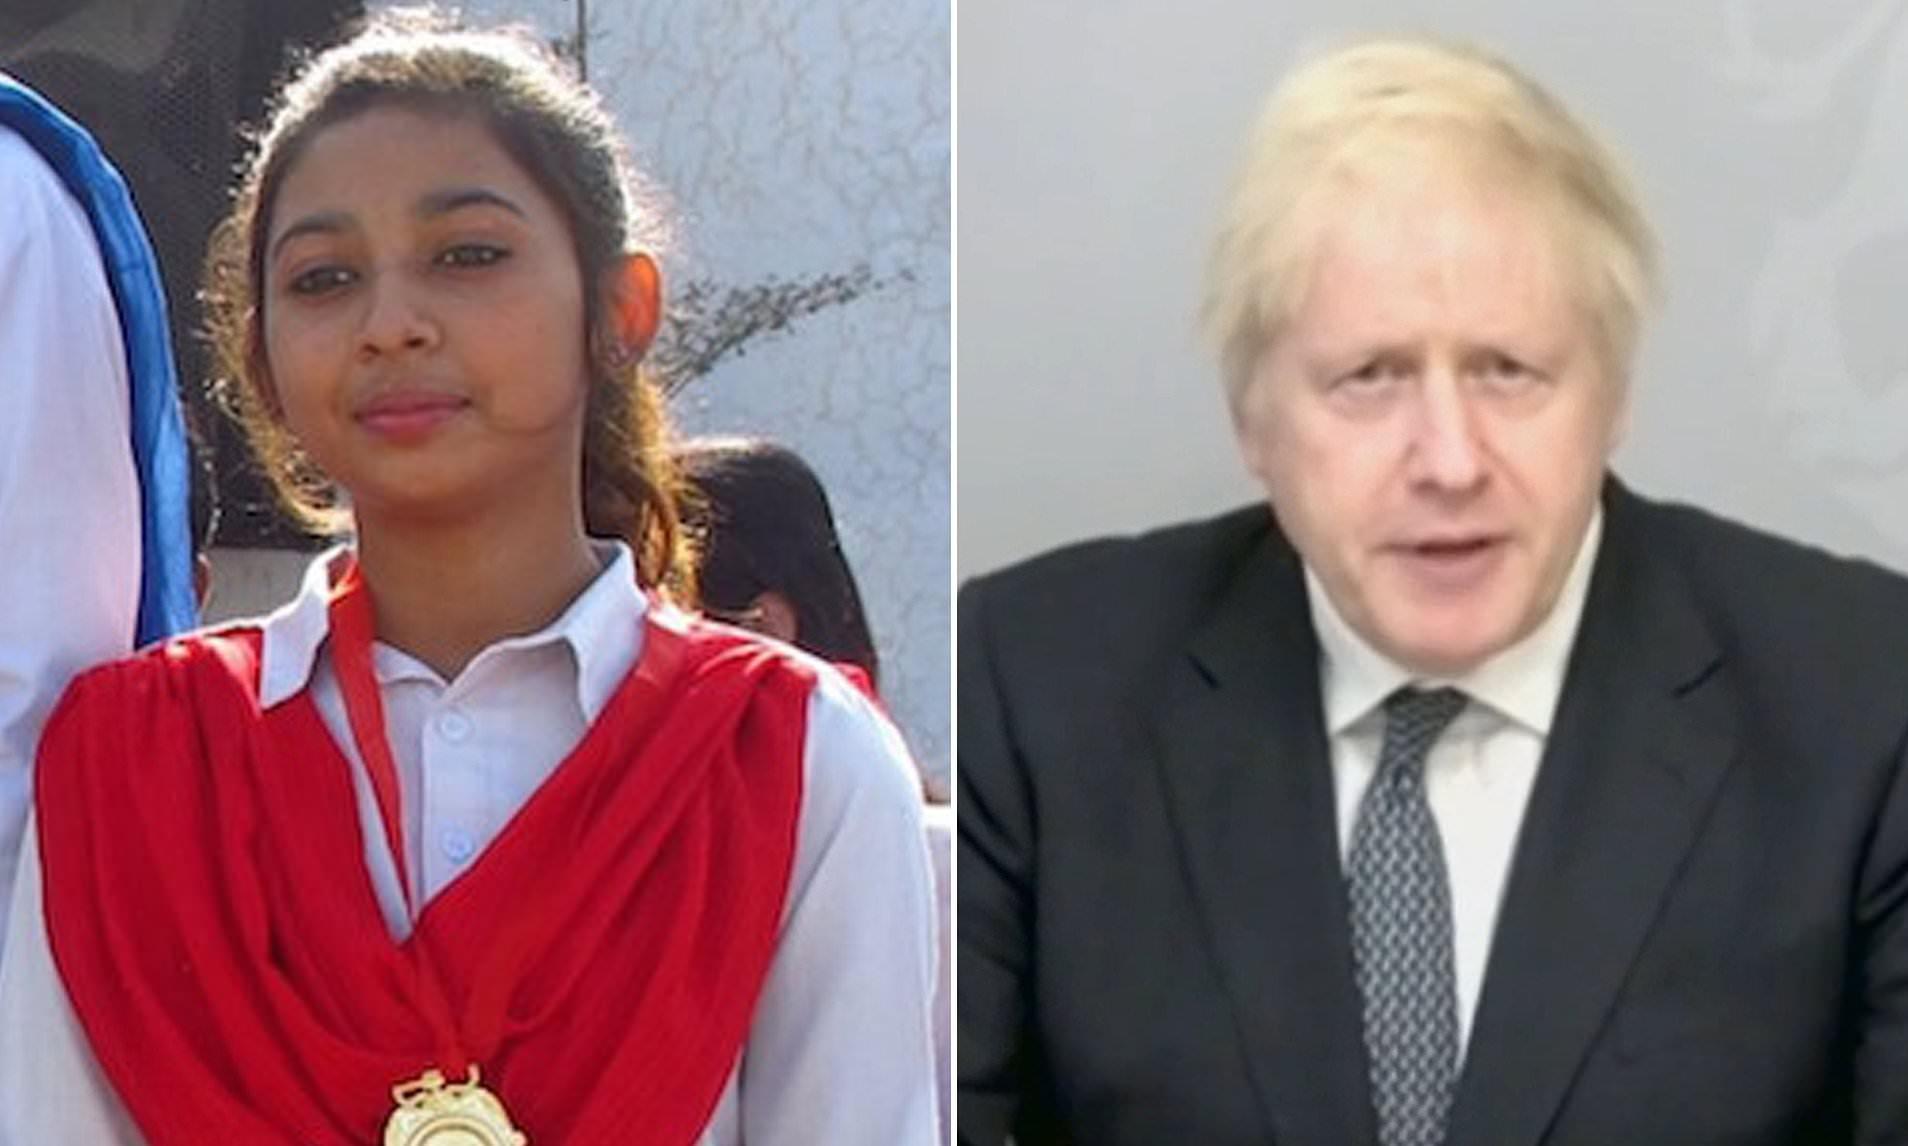 Menina cristã forçada a casamento islâmico pede ajuda ao primeiro-ministro do Reino Unido